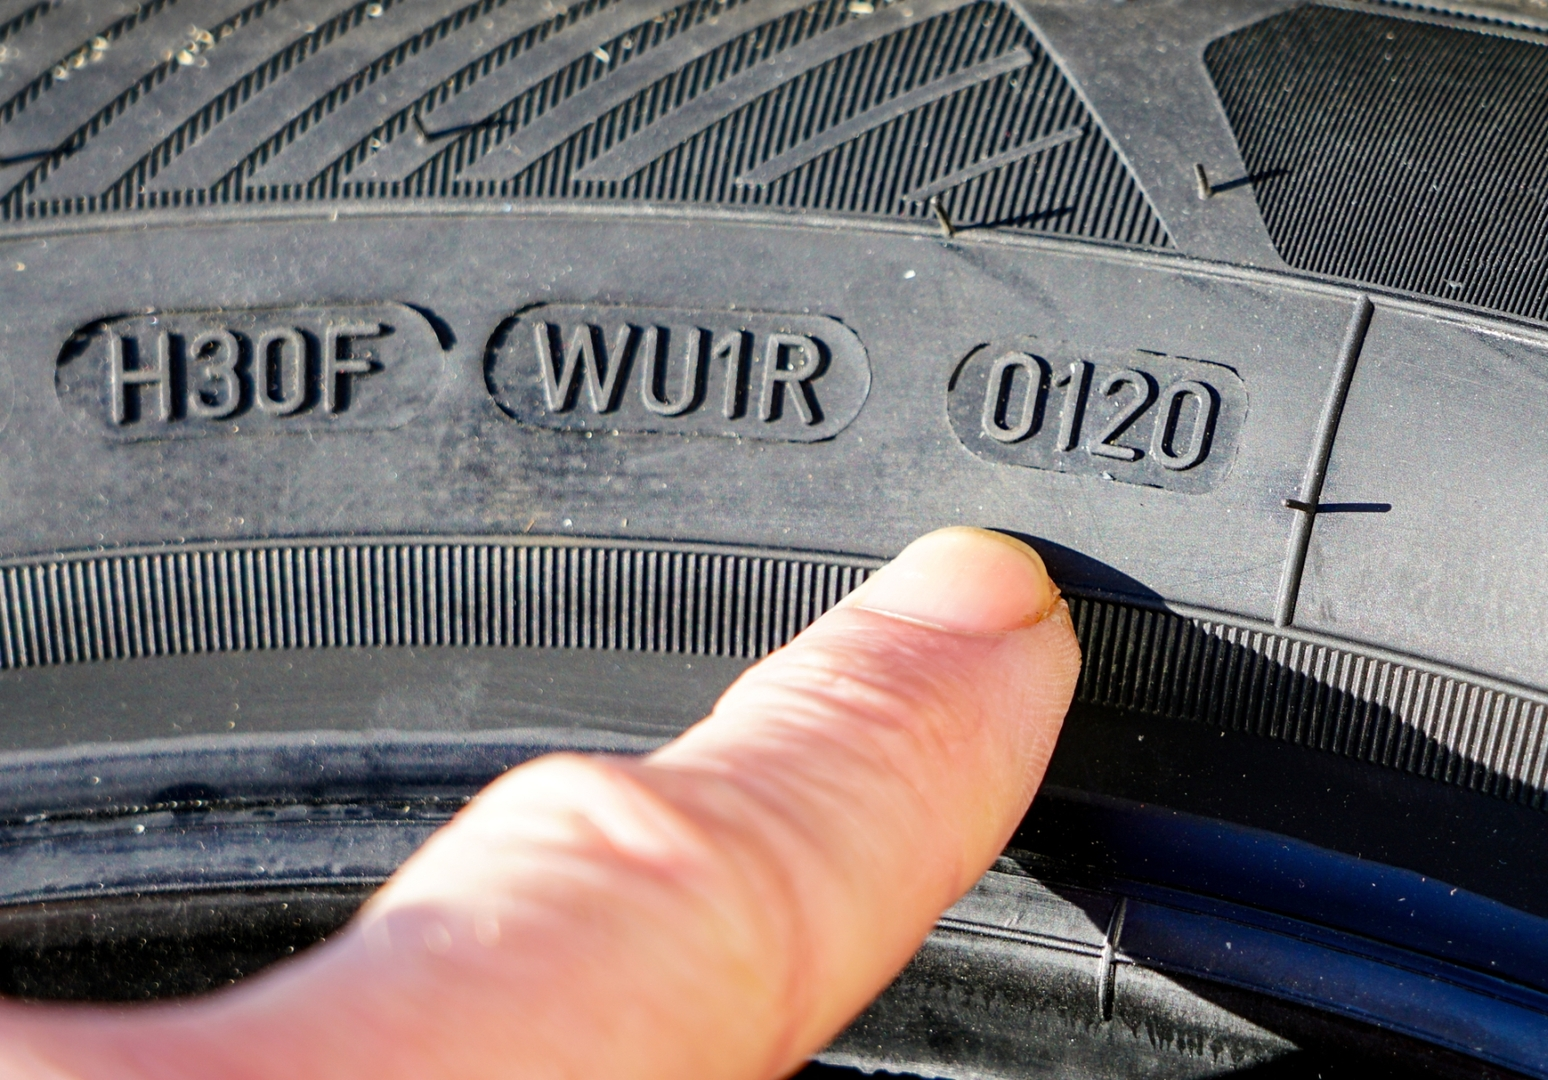 Что означает основная маркировка автомобильных покрышек